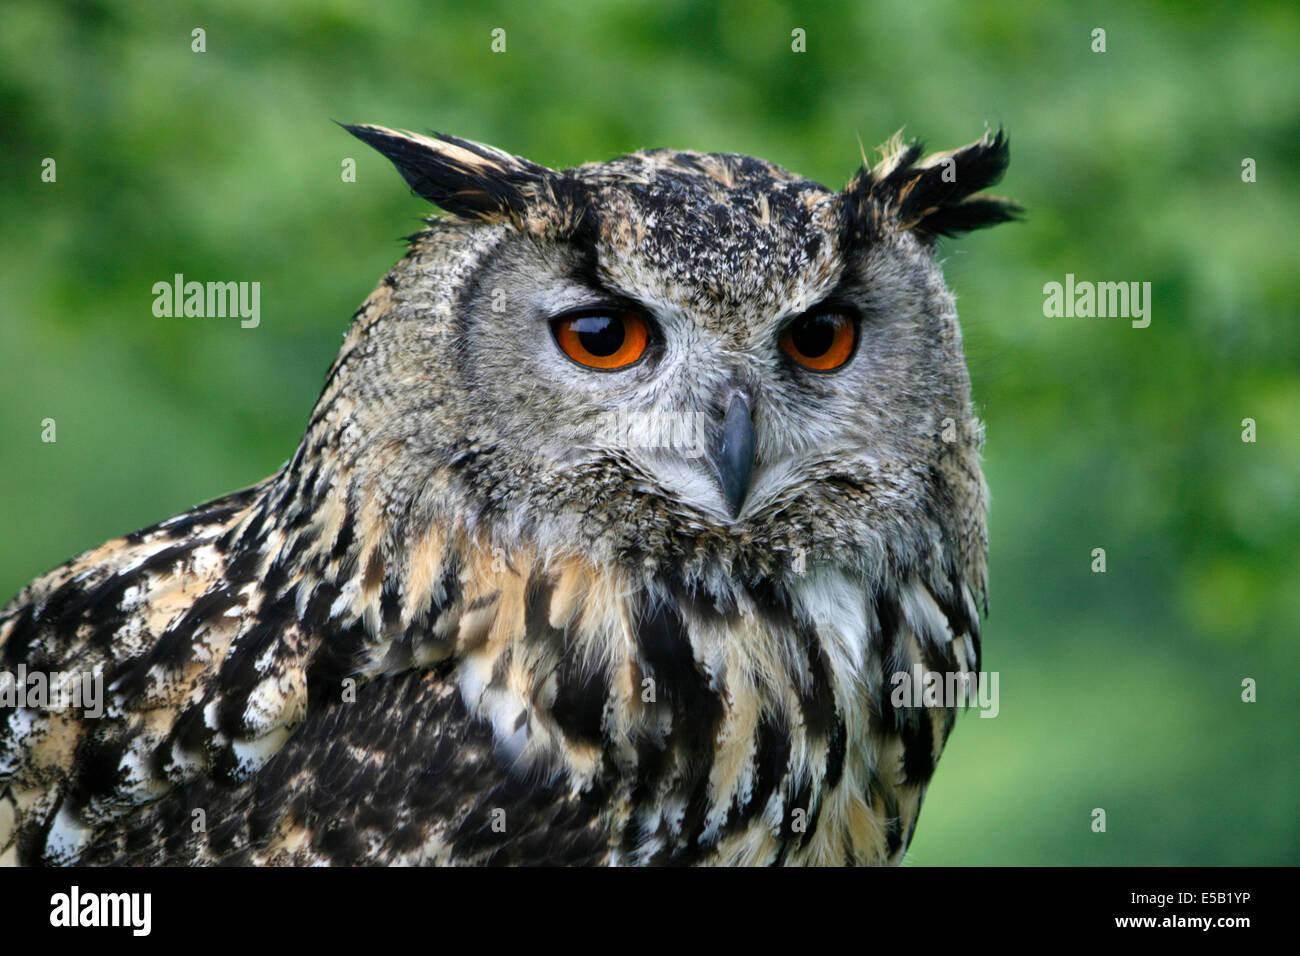 Europäische Uhu (Bubo Bubo), aufgenommen in Wales, UK. Stockbild